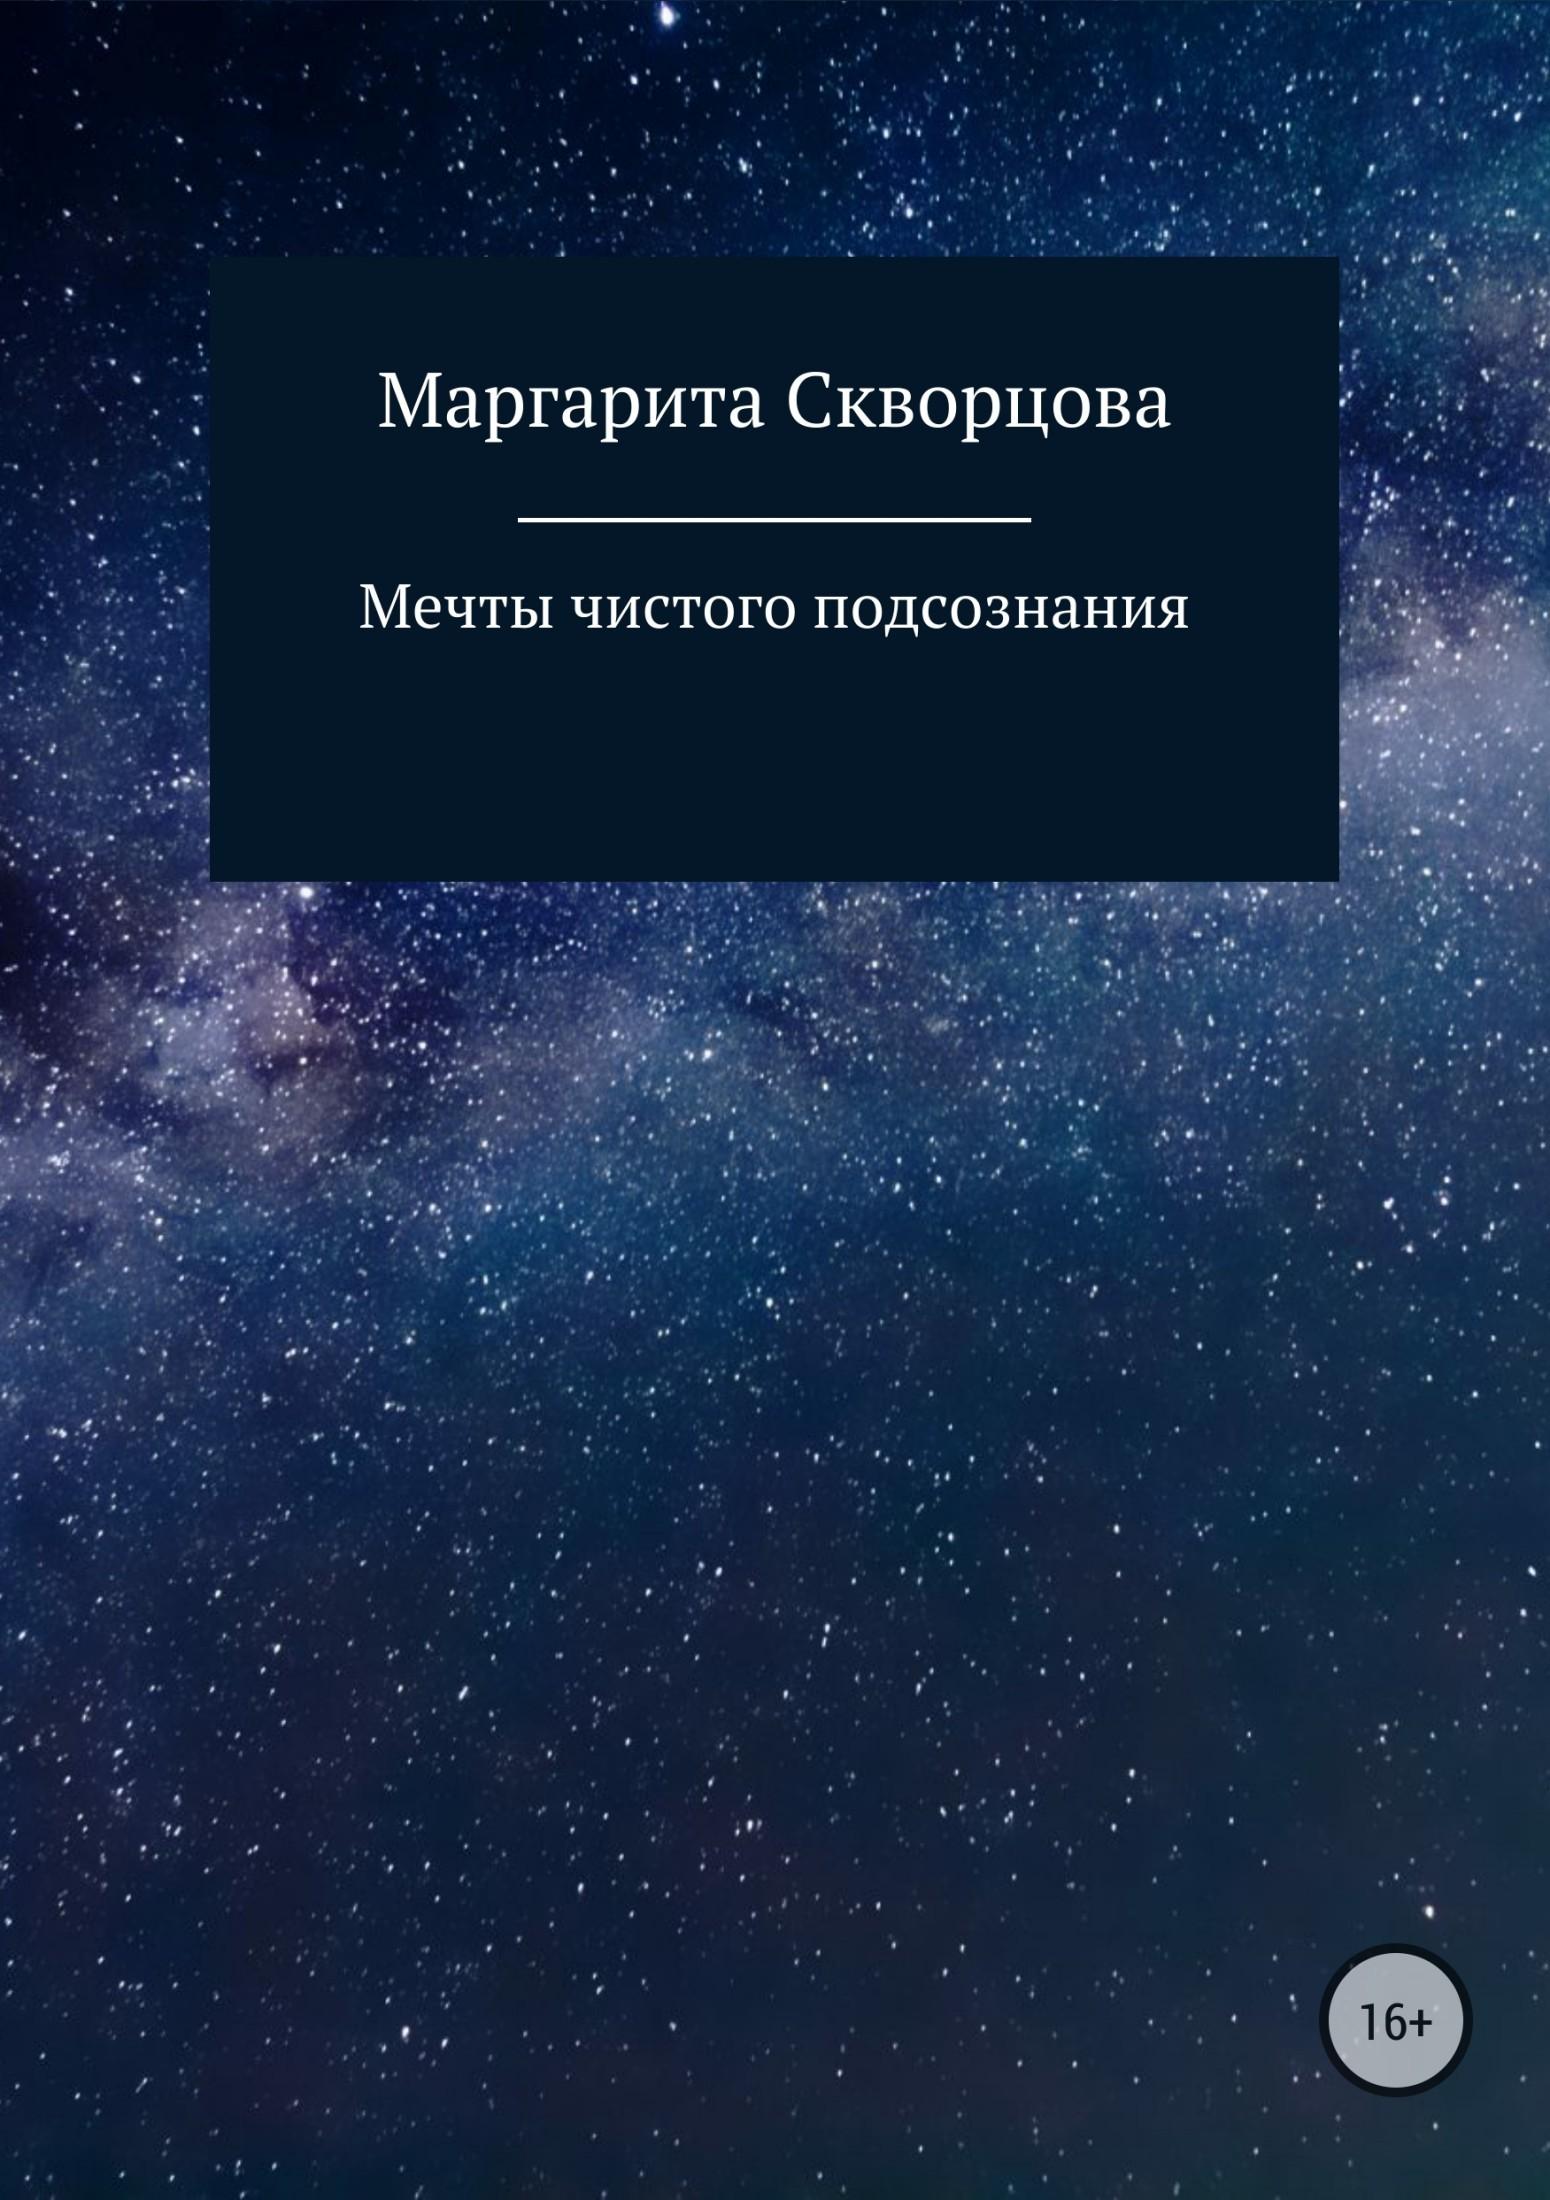 Маргарита Сергеевна Скворцова Мечты чистого подсознания